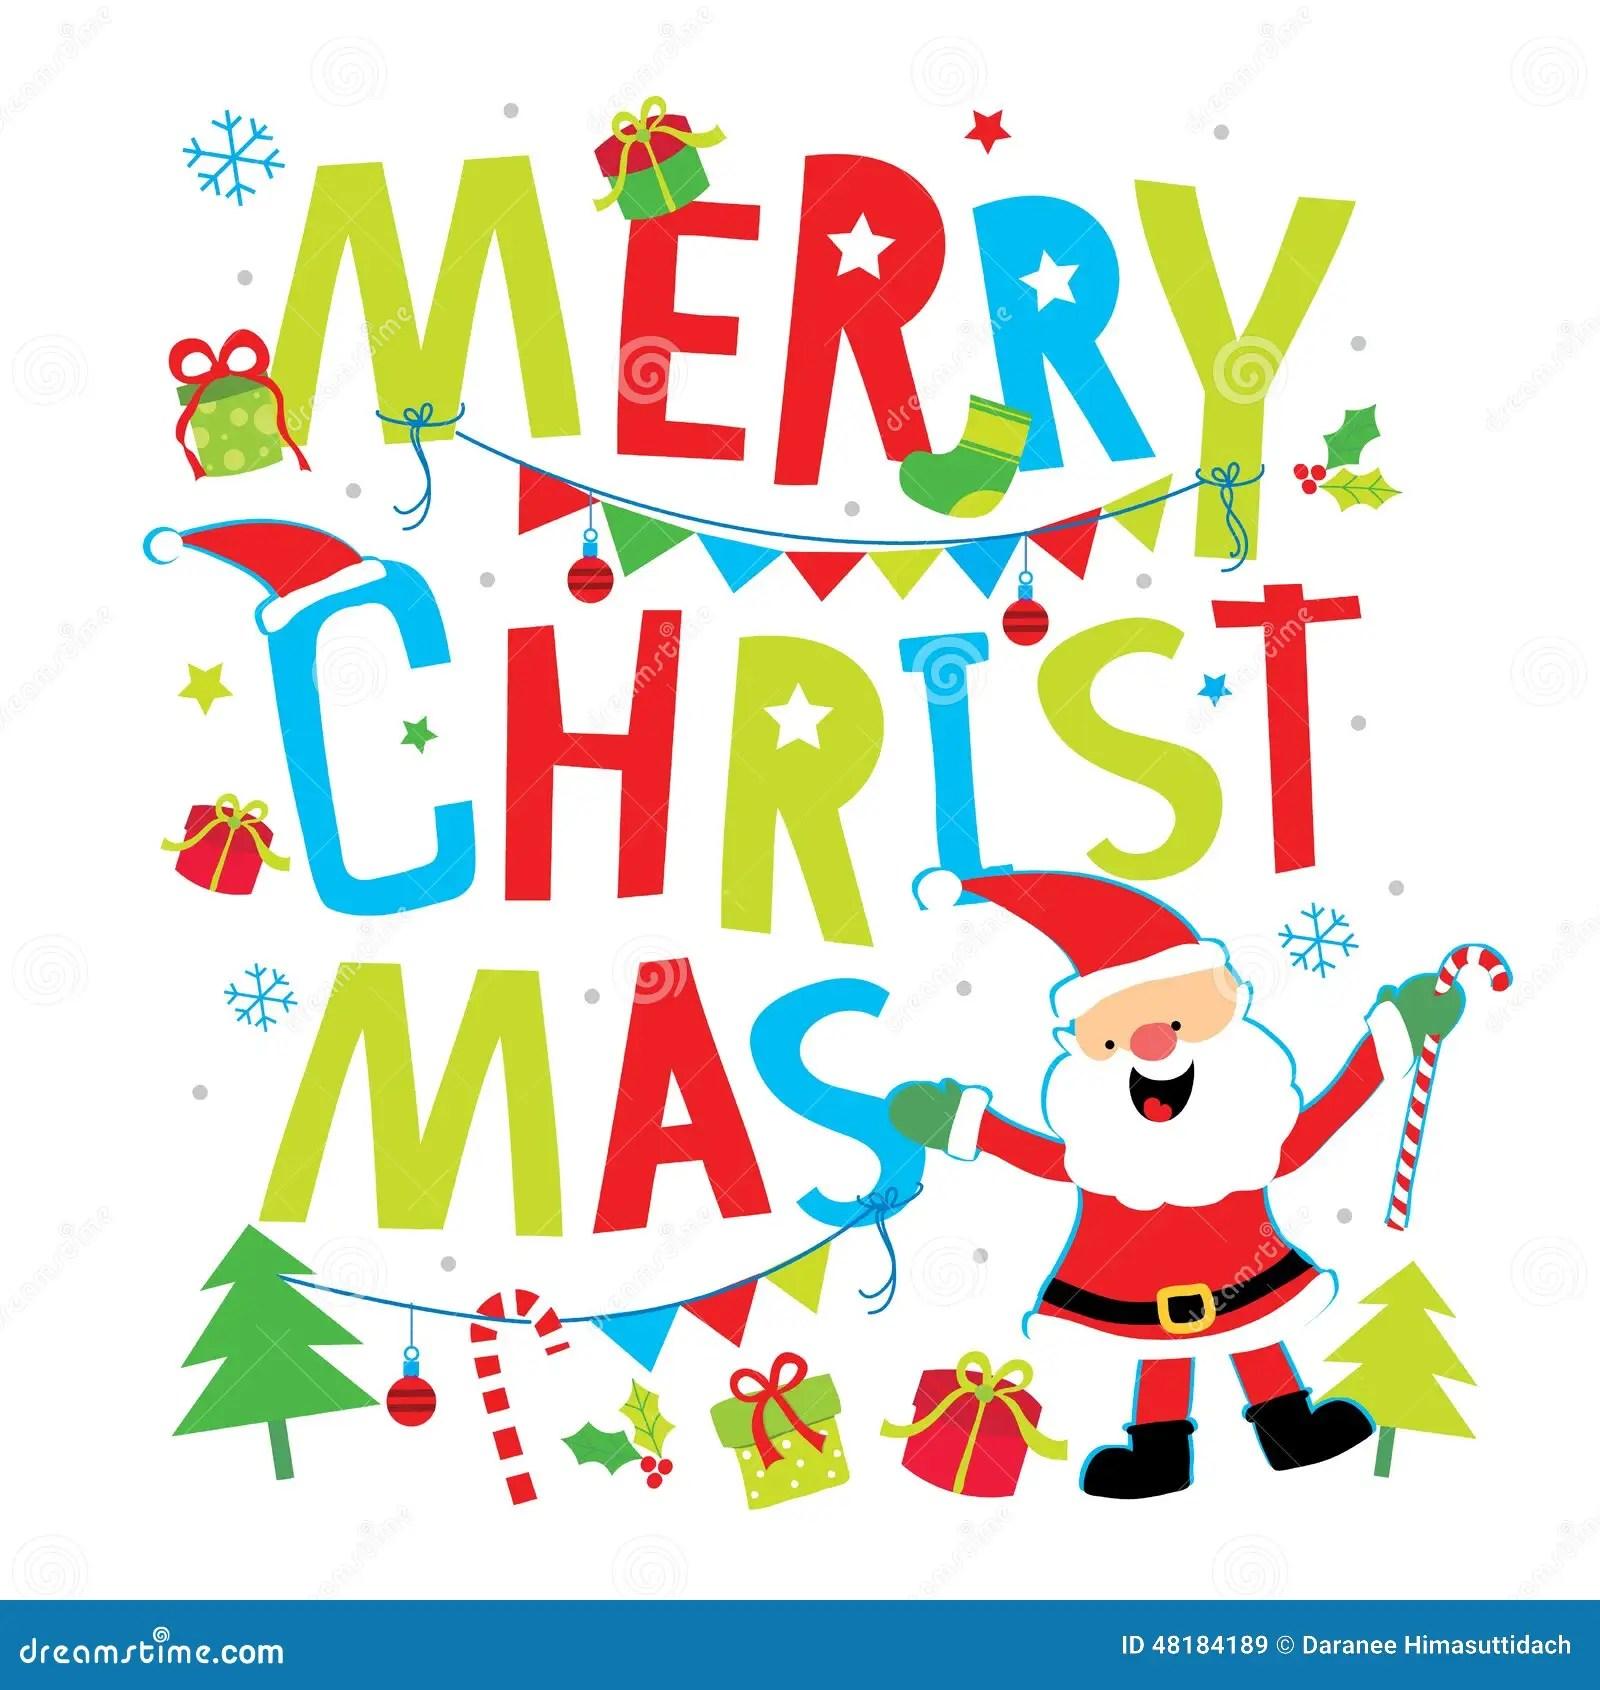 Merry Christmas Cartoon Quidsup Cartoon Merry Christmas